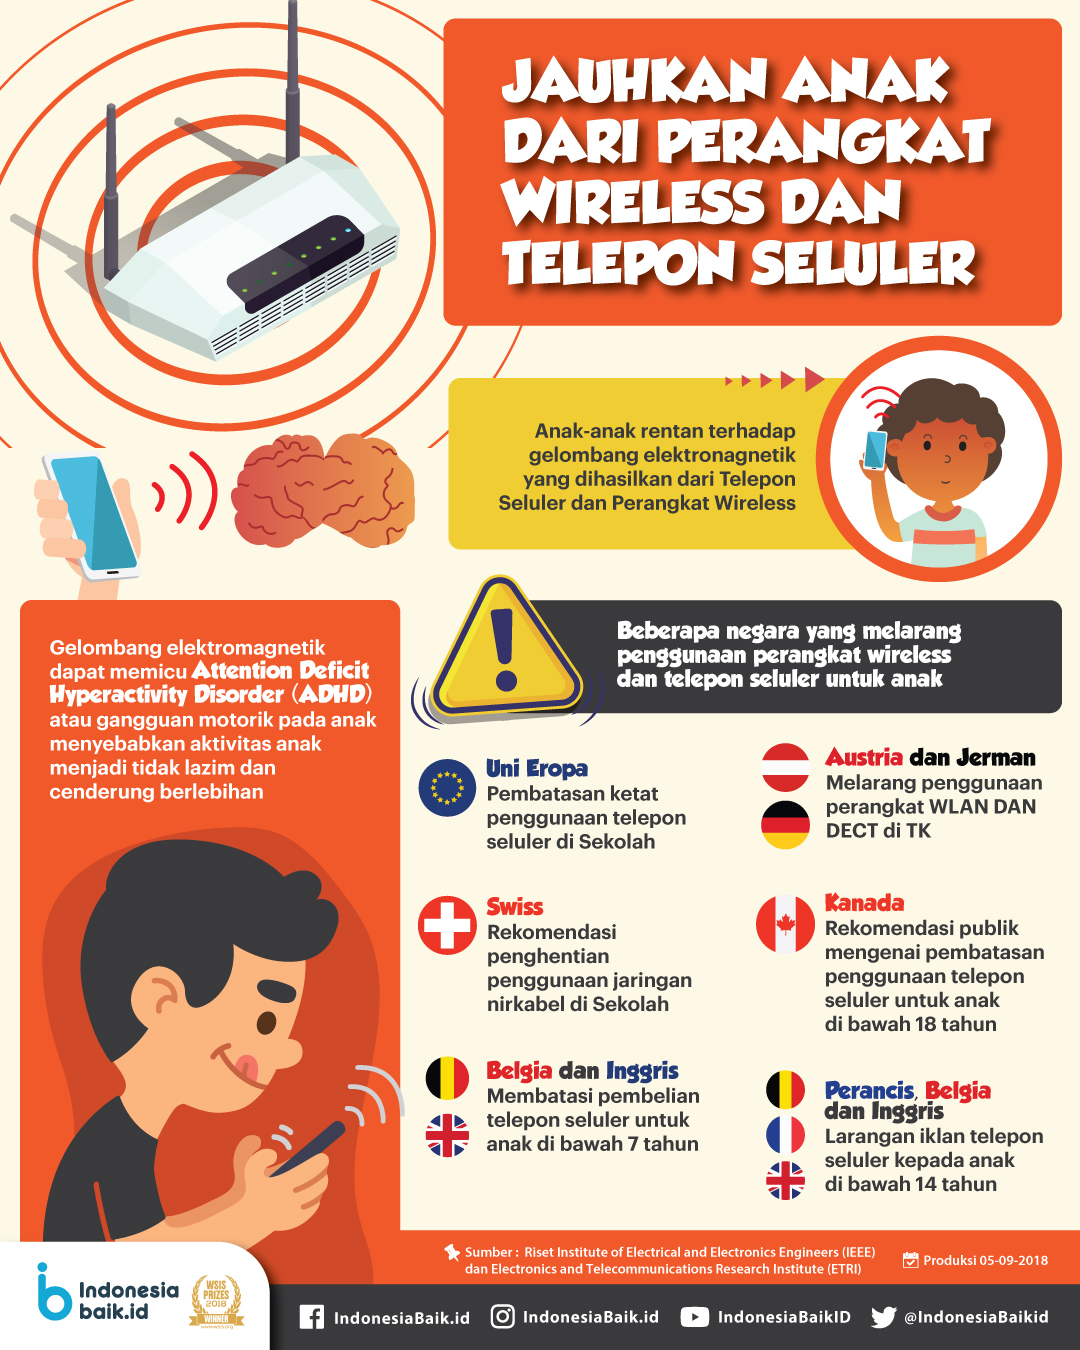 Jauhkan Anak Dari Perangkat Wireless dan Telepon Seluler